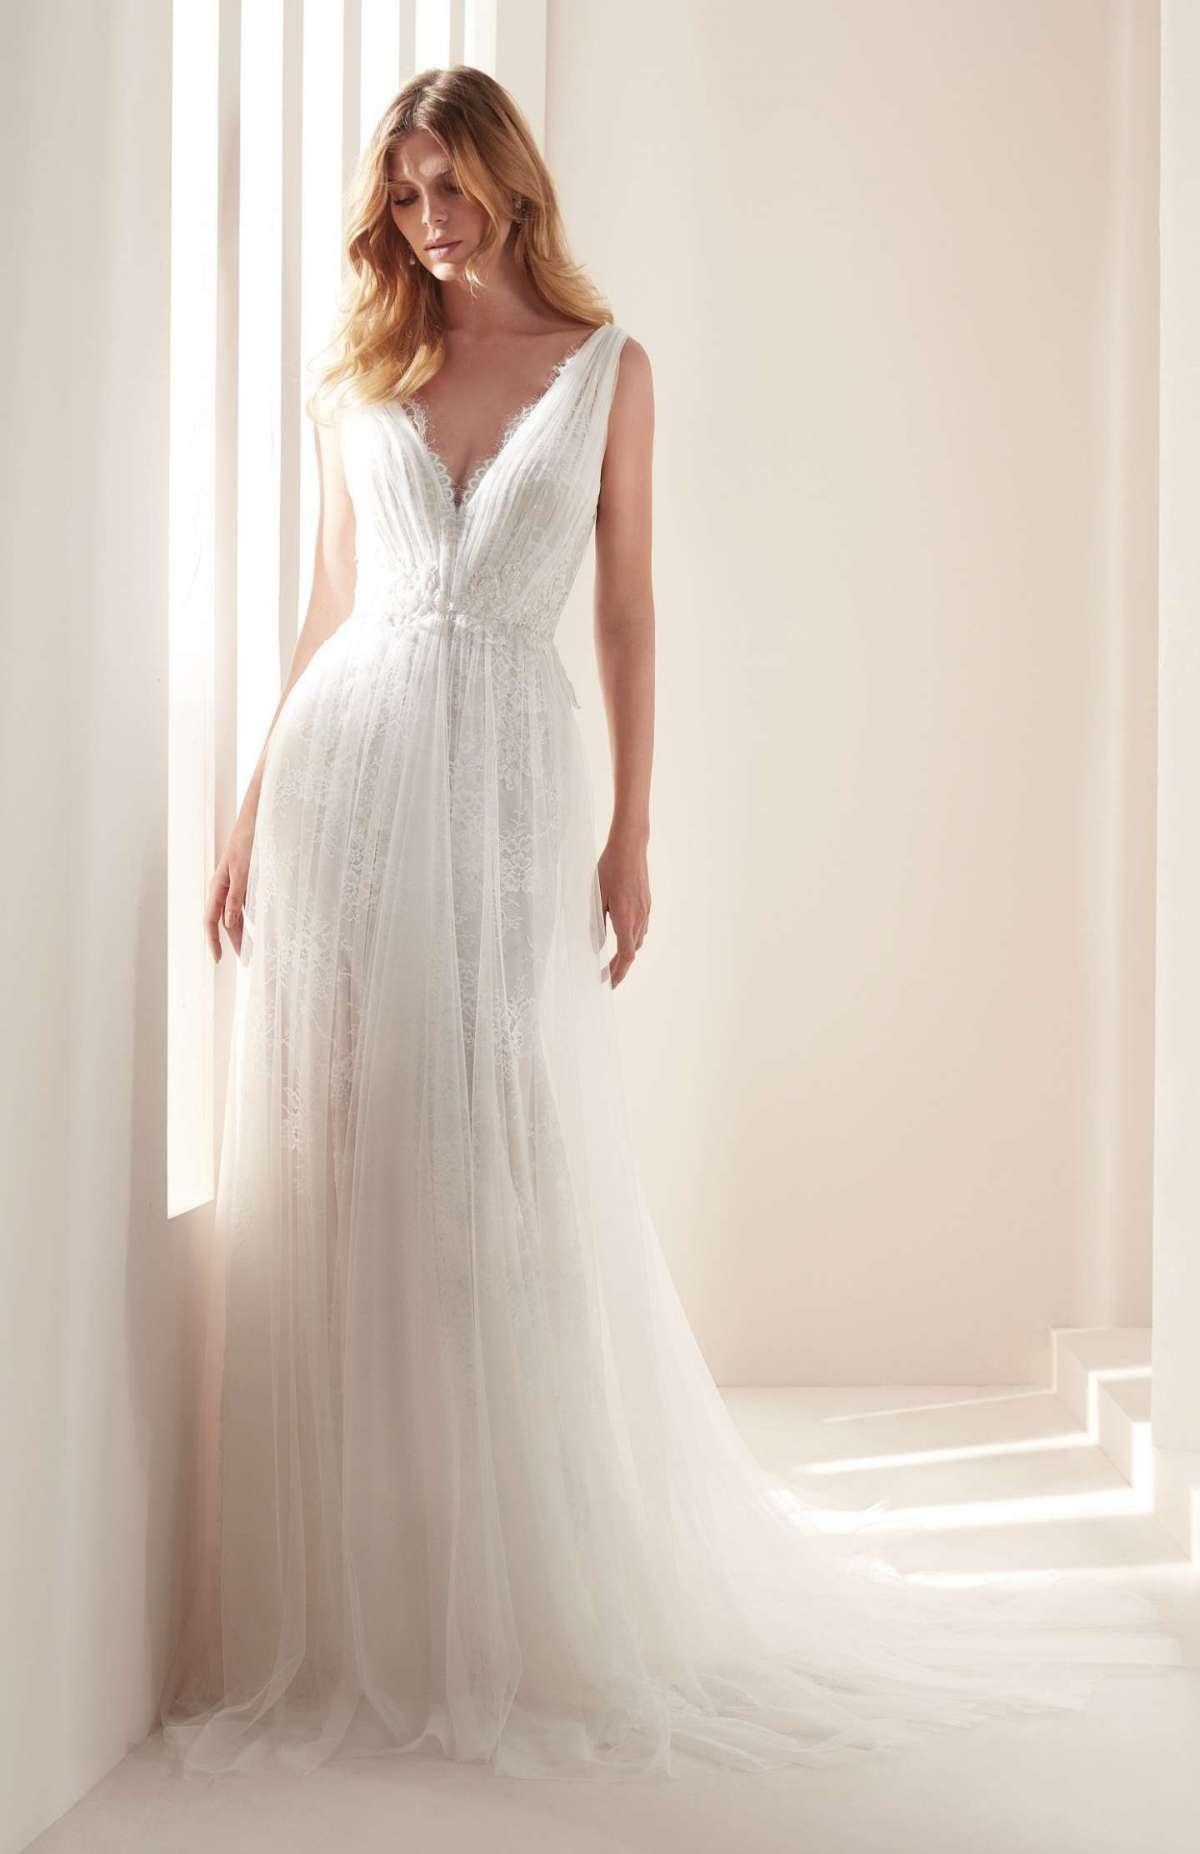 Vestito da sposa plissé scivolato Hannibal Laguna